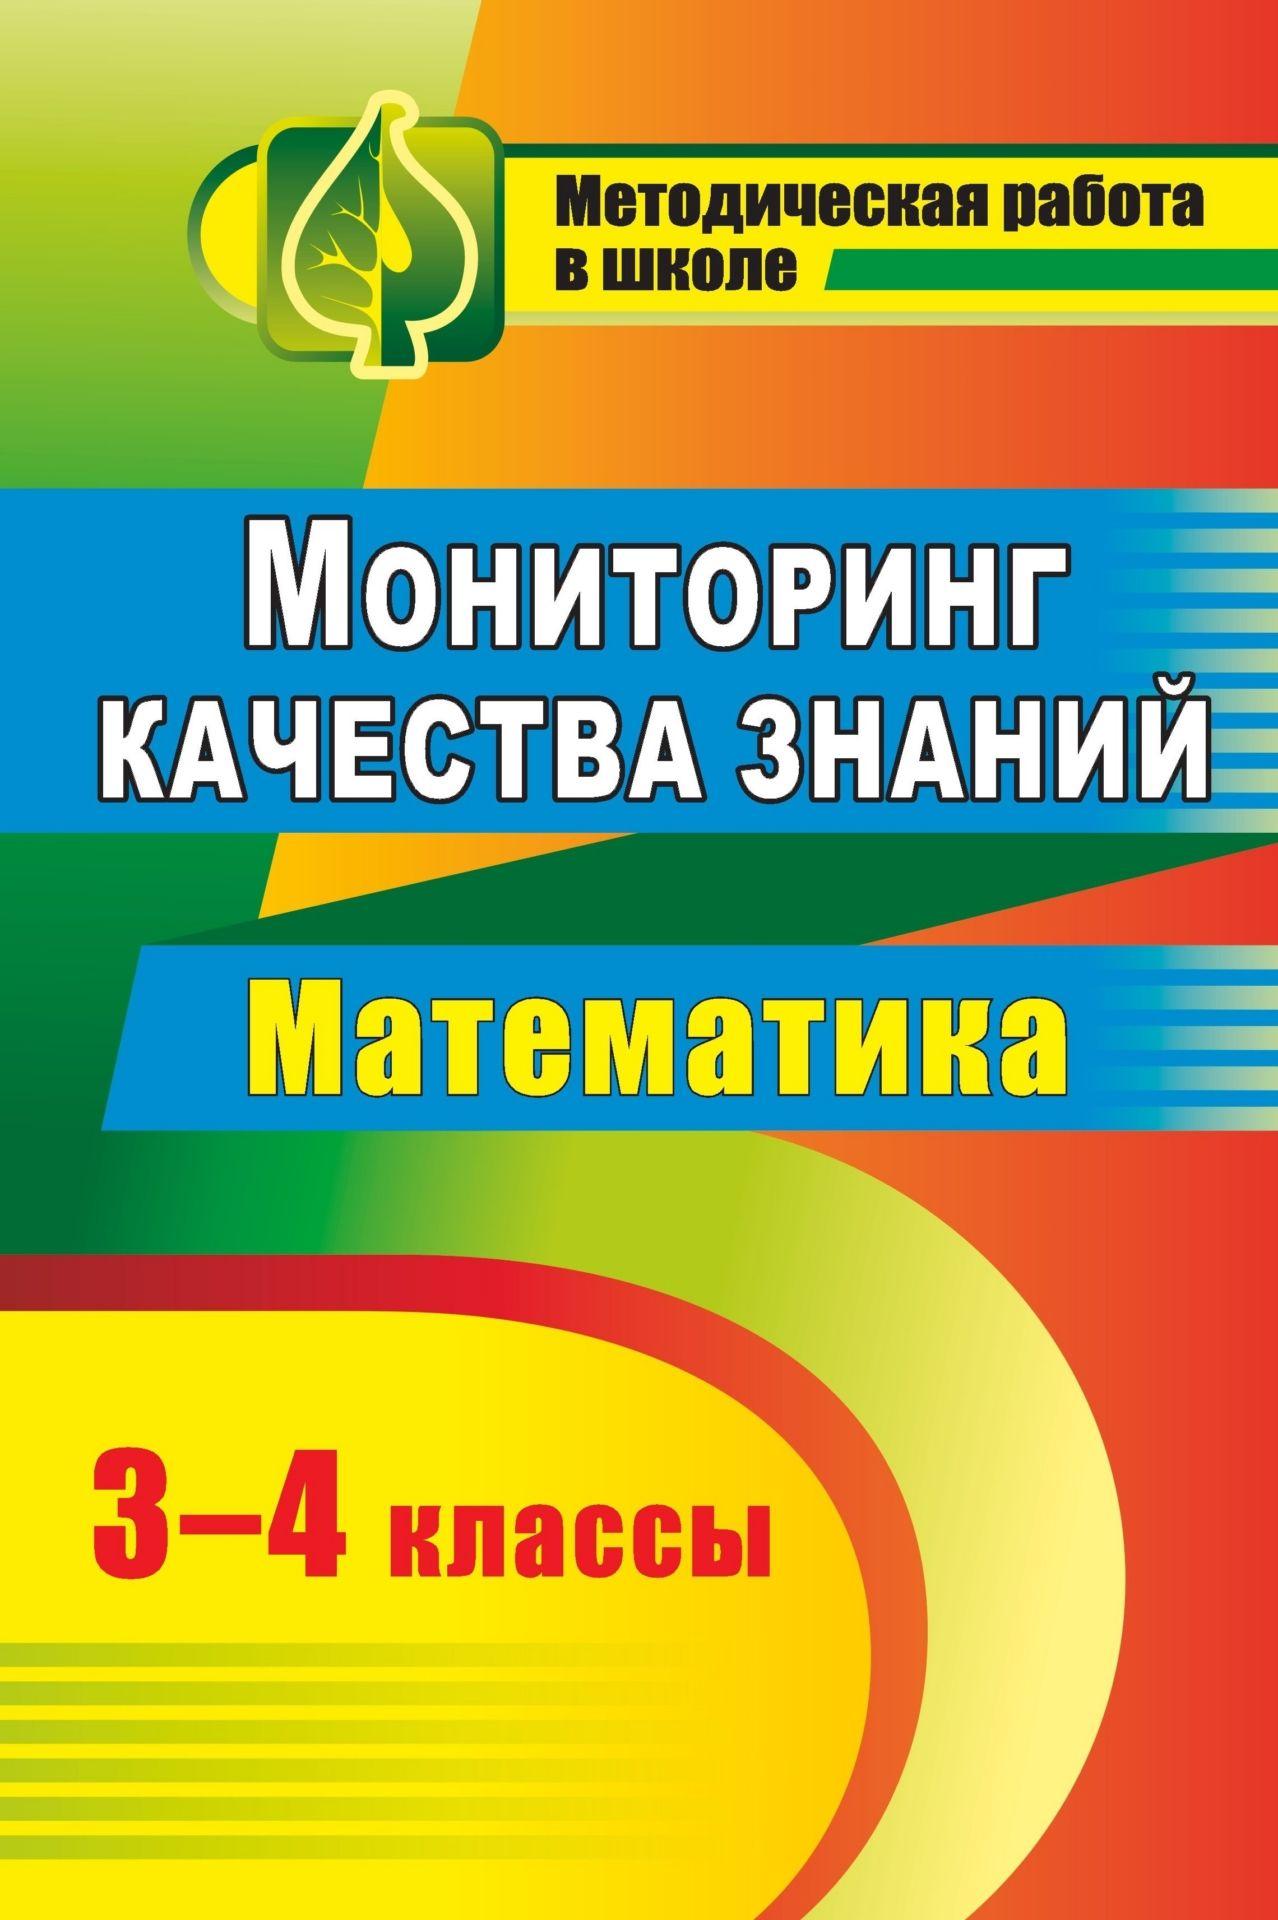 Мониторинг качества знаний. Математика. 3-4 классыПредметы<br>Данное пособие содержит материалы для проведения мониторинга по математике в начальной школе (3-4 классы), целью которого является постоянное наблюдение за формированием математических знаний, умений и выявление их соответствия требованиям образовательног...<br><br>Авторы: др., Канчурина Р. Г.<br>Год: 2011<br>Серия: Методическая работа в школе<br>ISBN: 978-5-7057-2382-9<br>Высота: 285<br>Ширина: 197<br>Толщина: 3<br>Переплёт: мягкая, скрепка